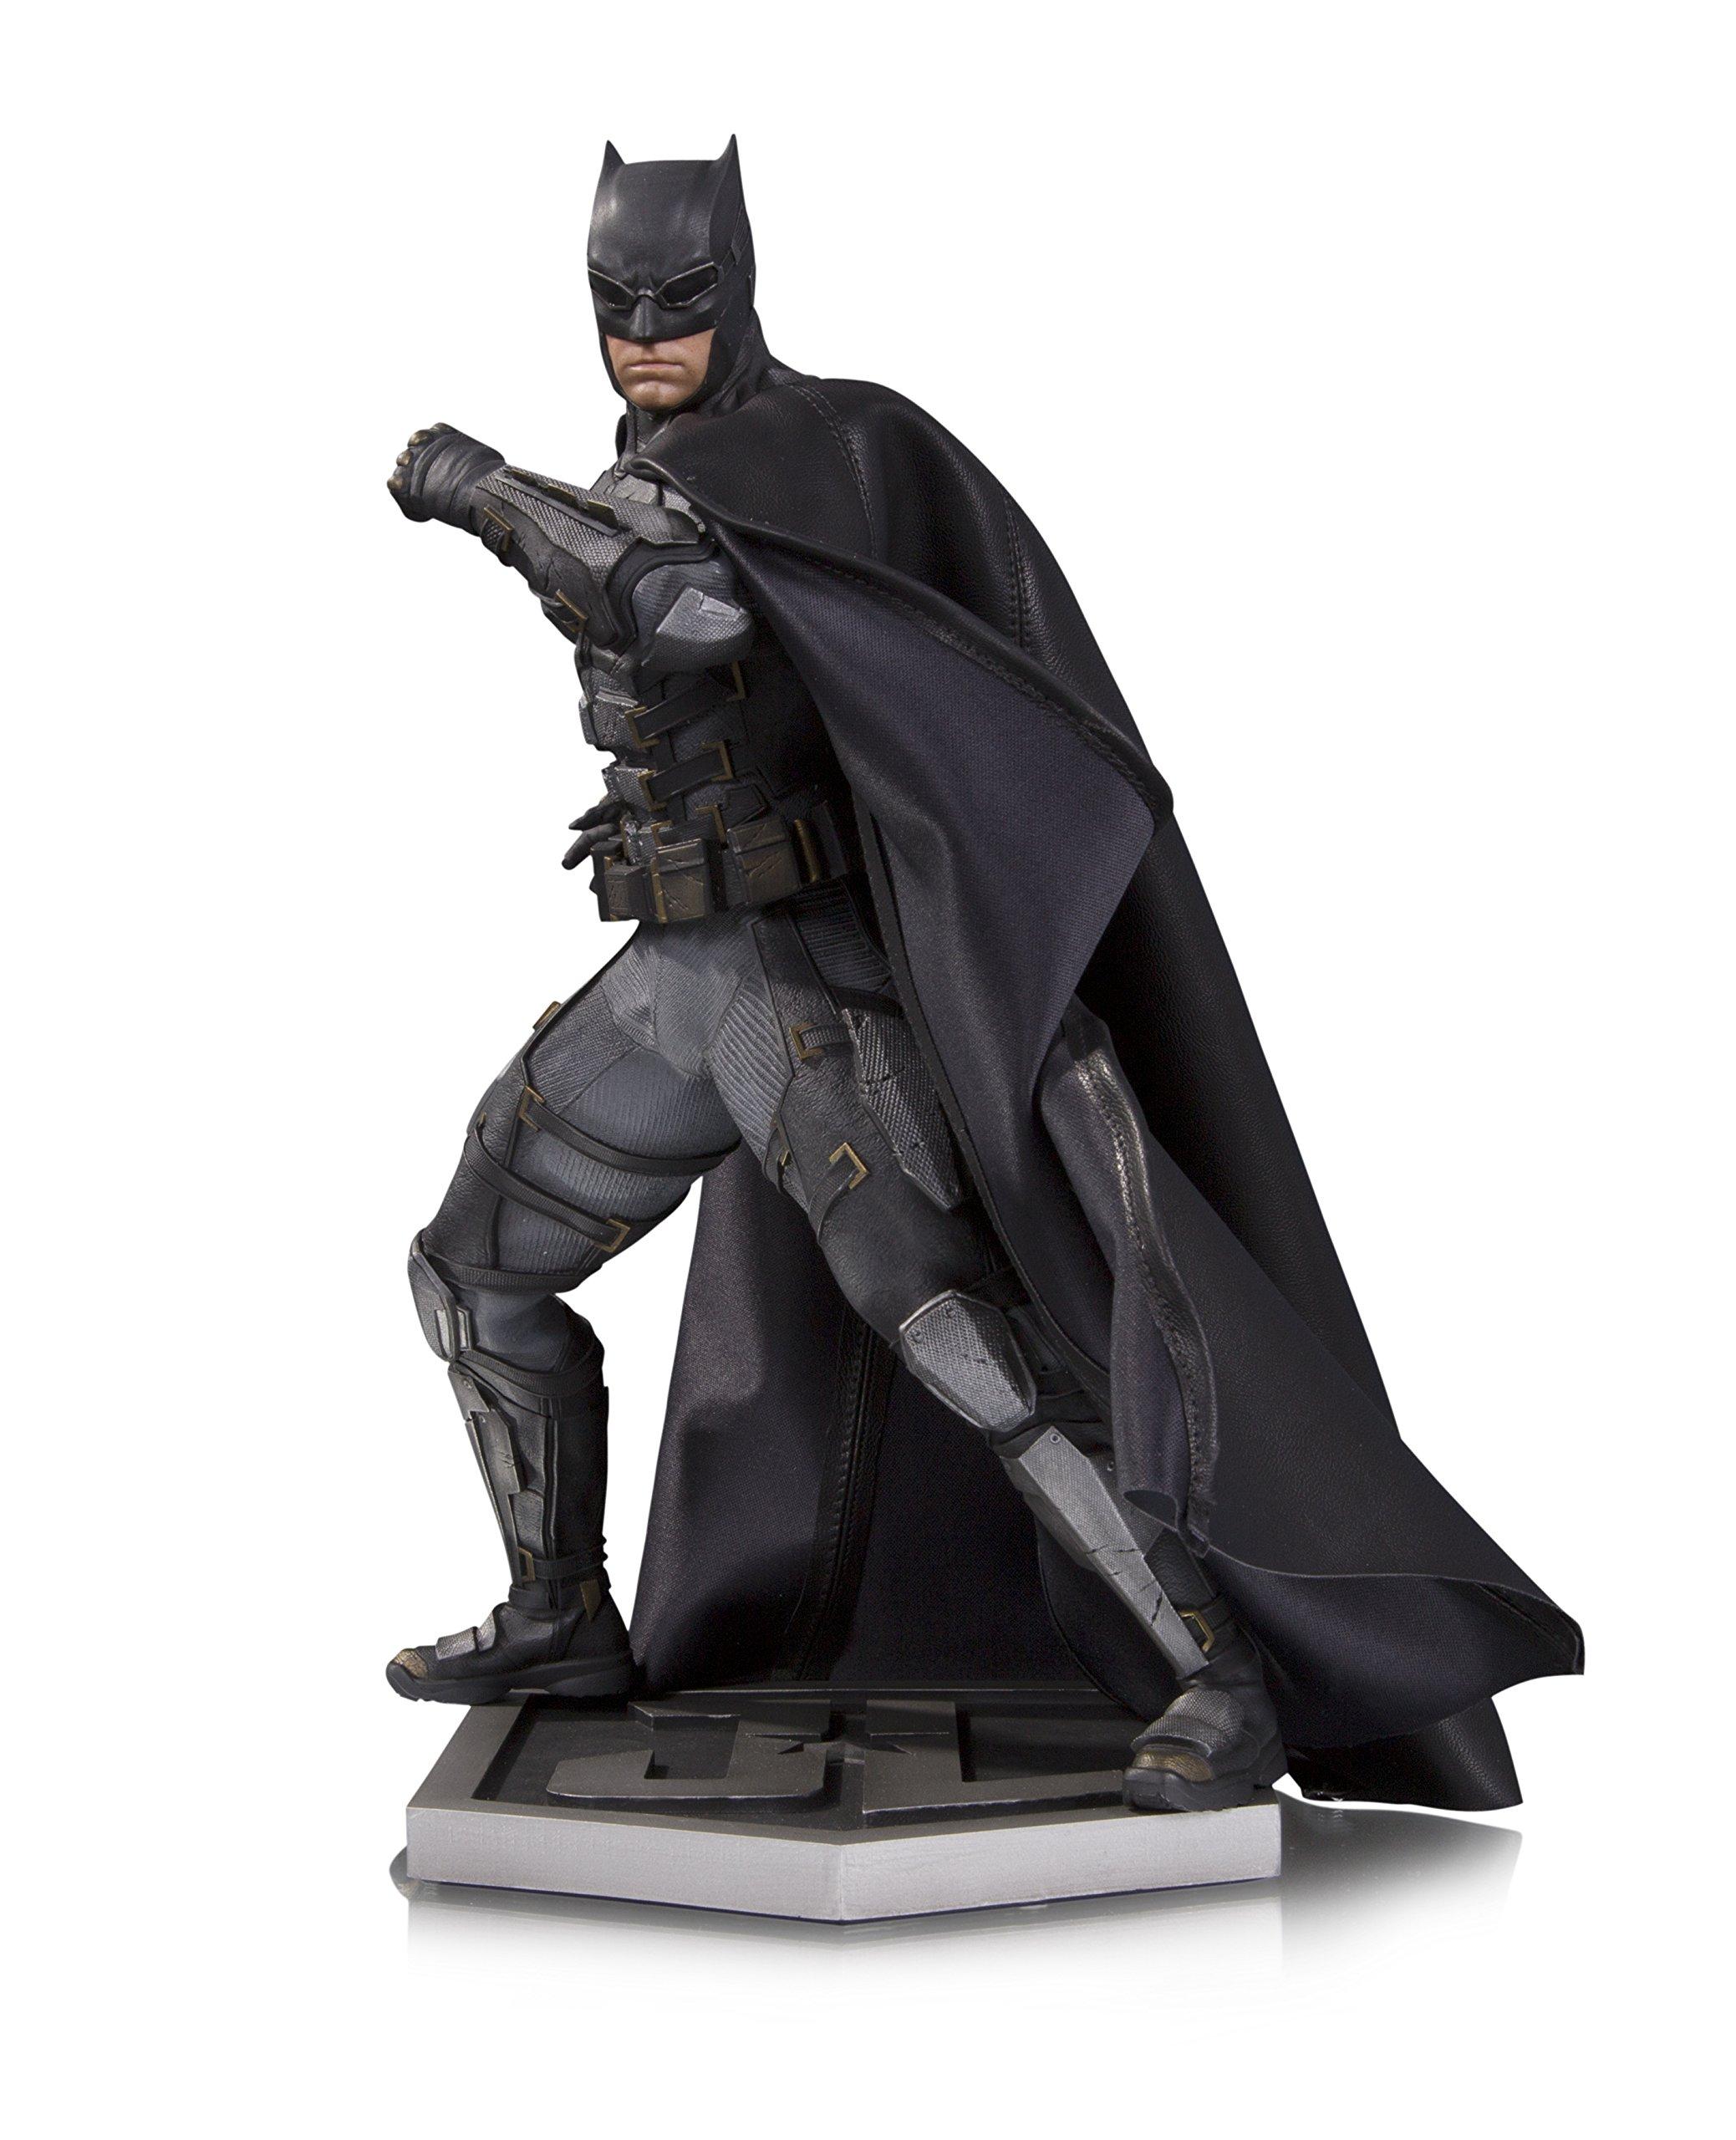 DC Collectibles Justice League Movie Tactical Suit Batman Statue